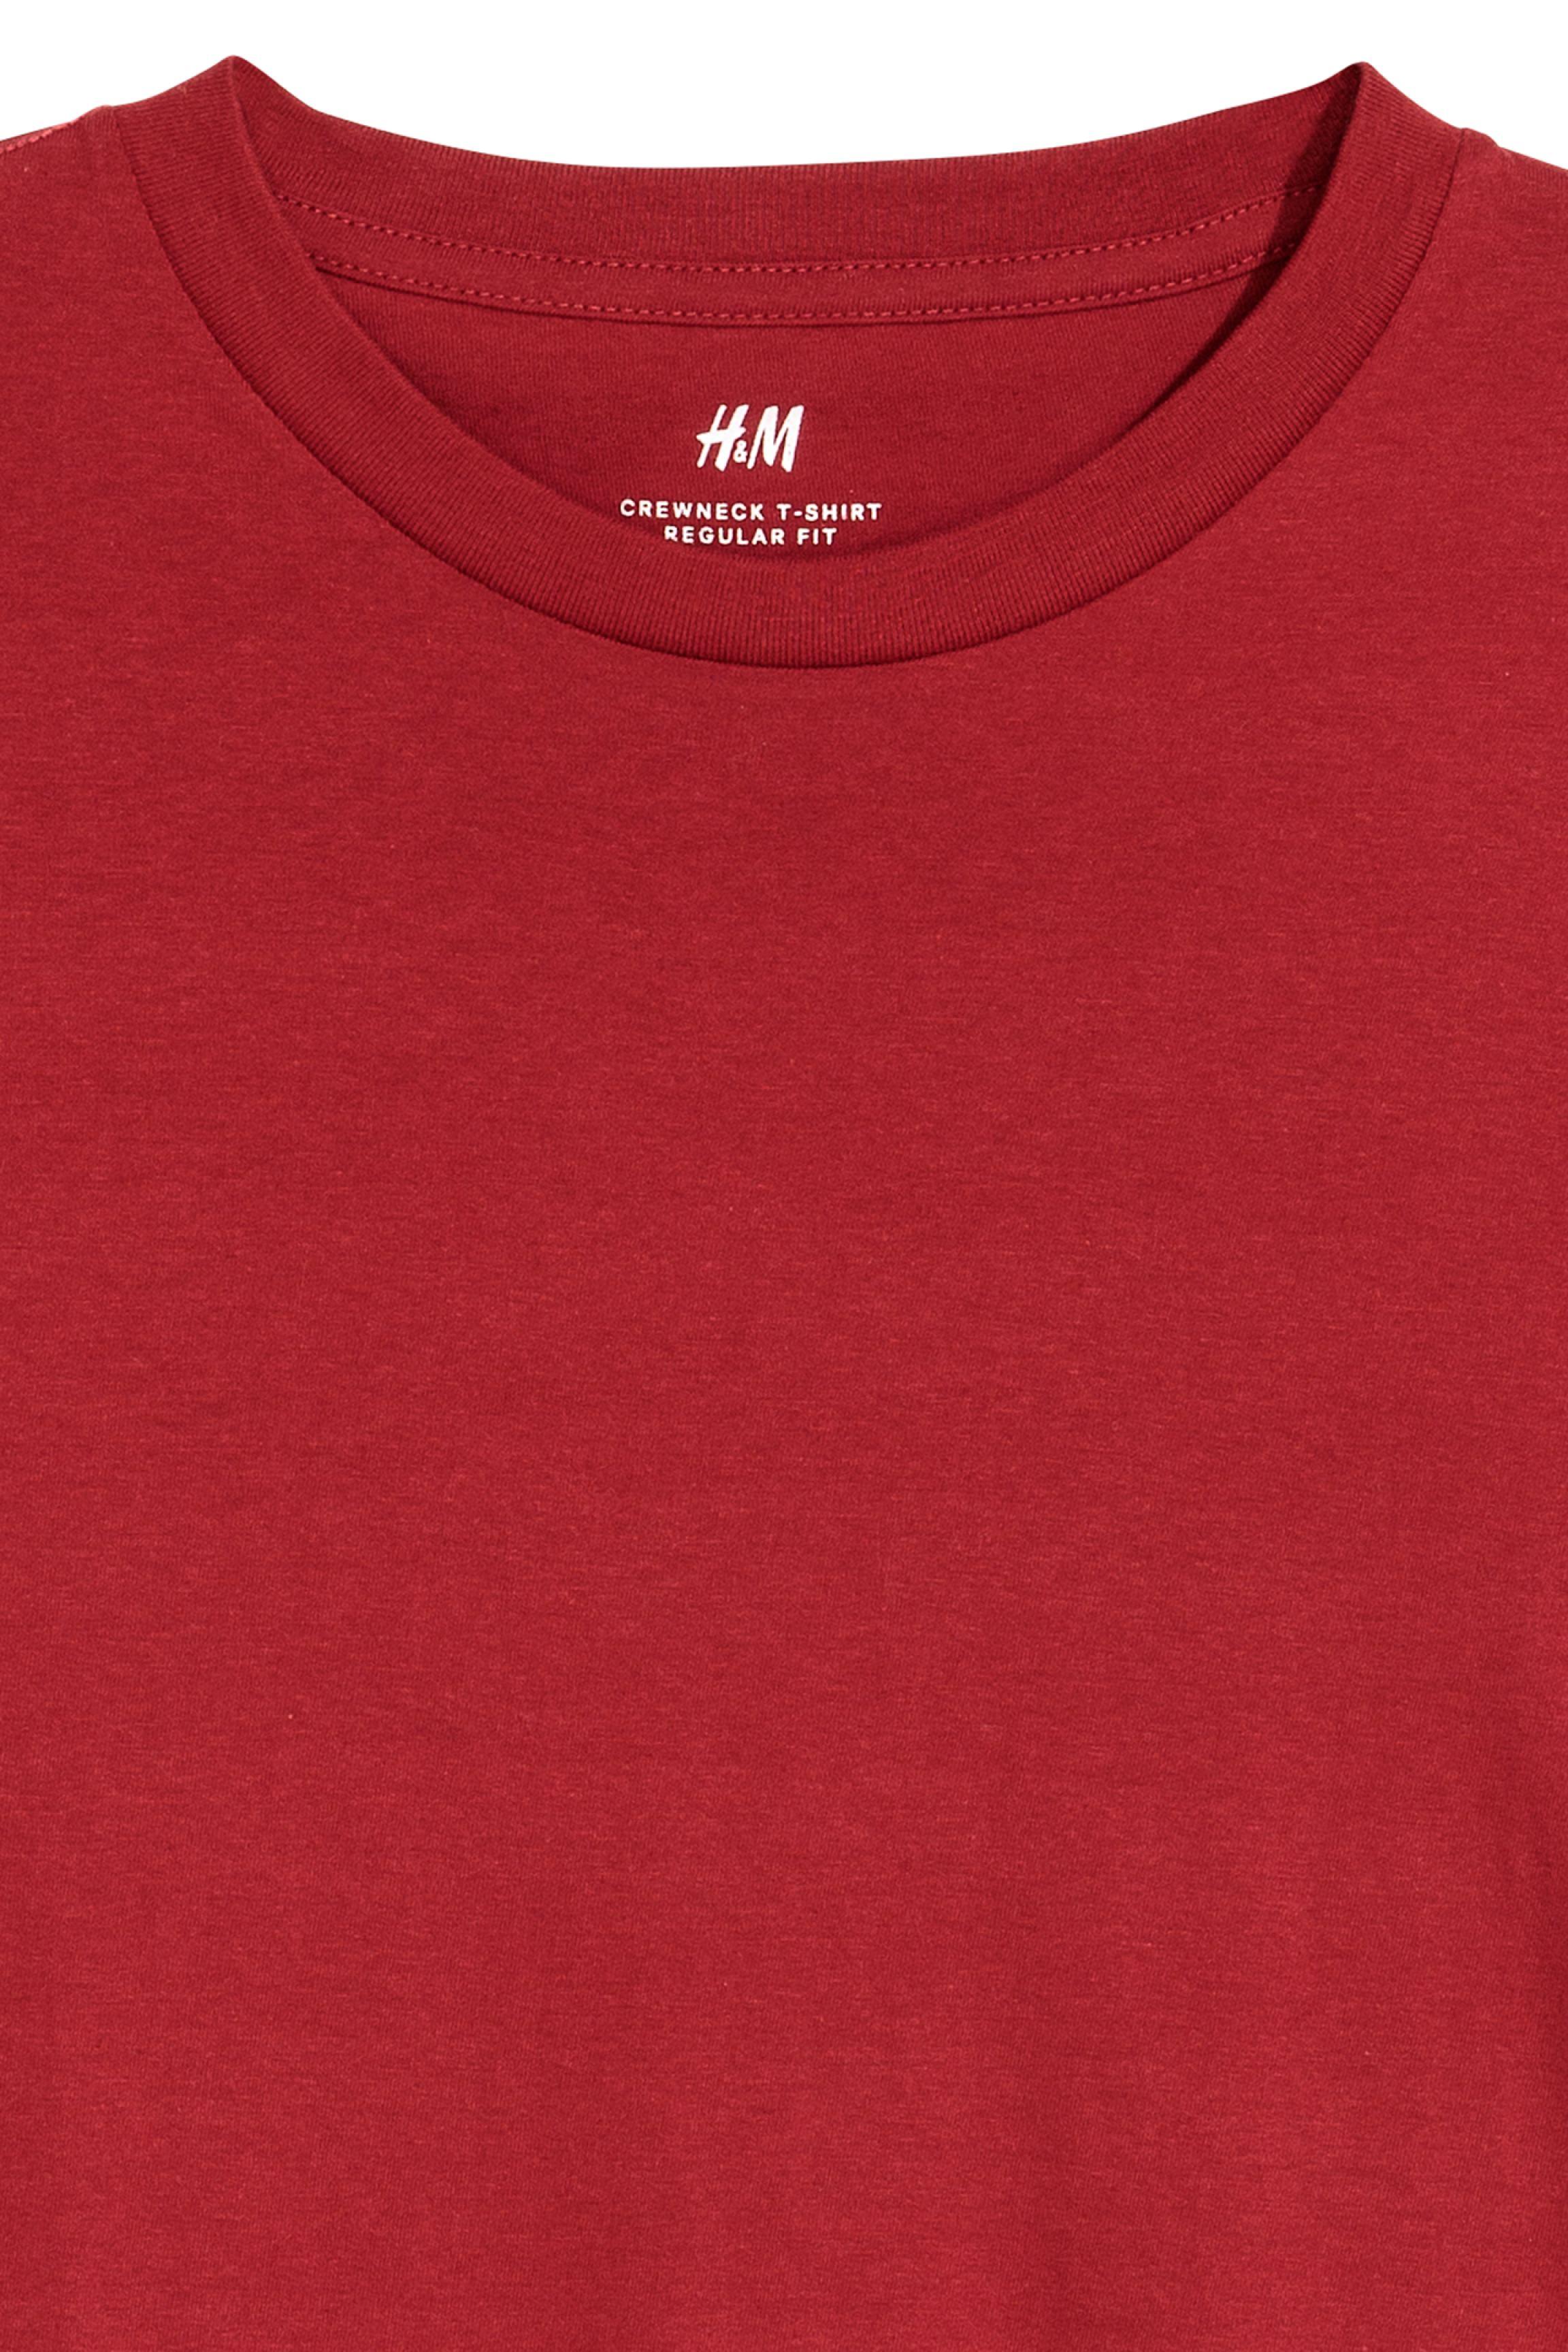 Long-sleeved Regular Ft Shirt